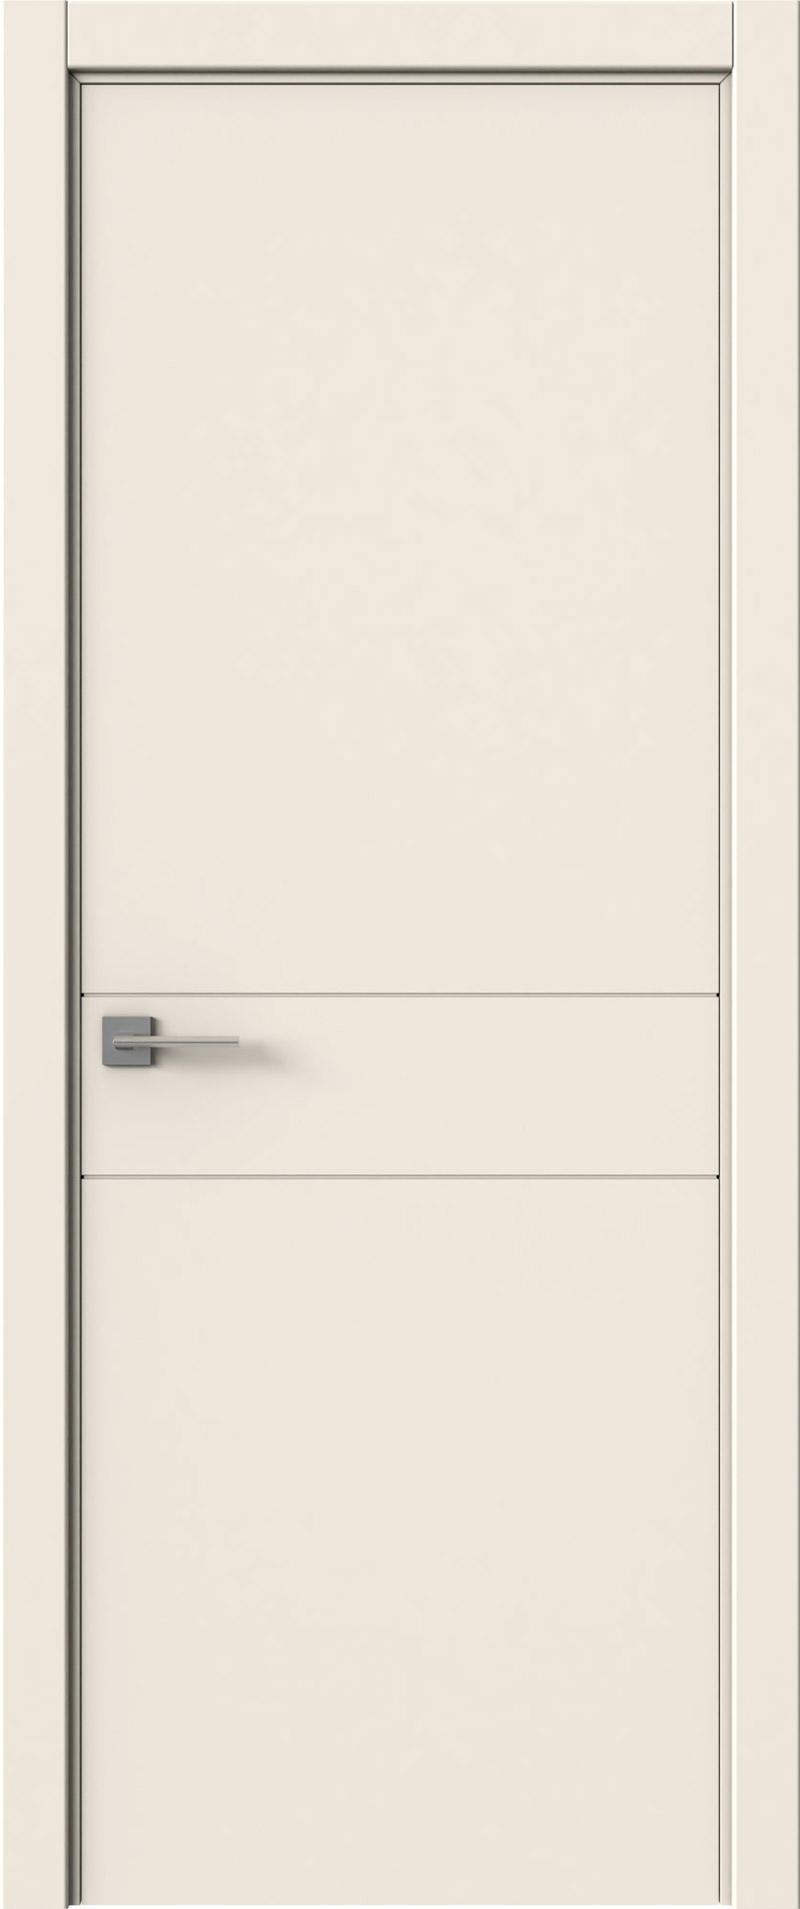 Tivoli И-2 цвет - Бежевая эмаль (RAL 9010) Без стекла (ДГ)